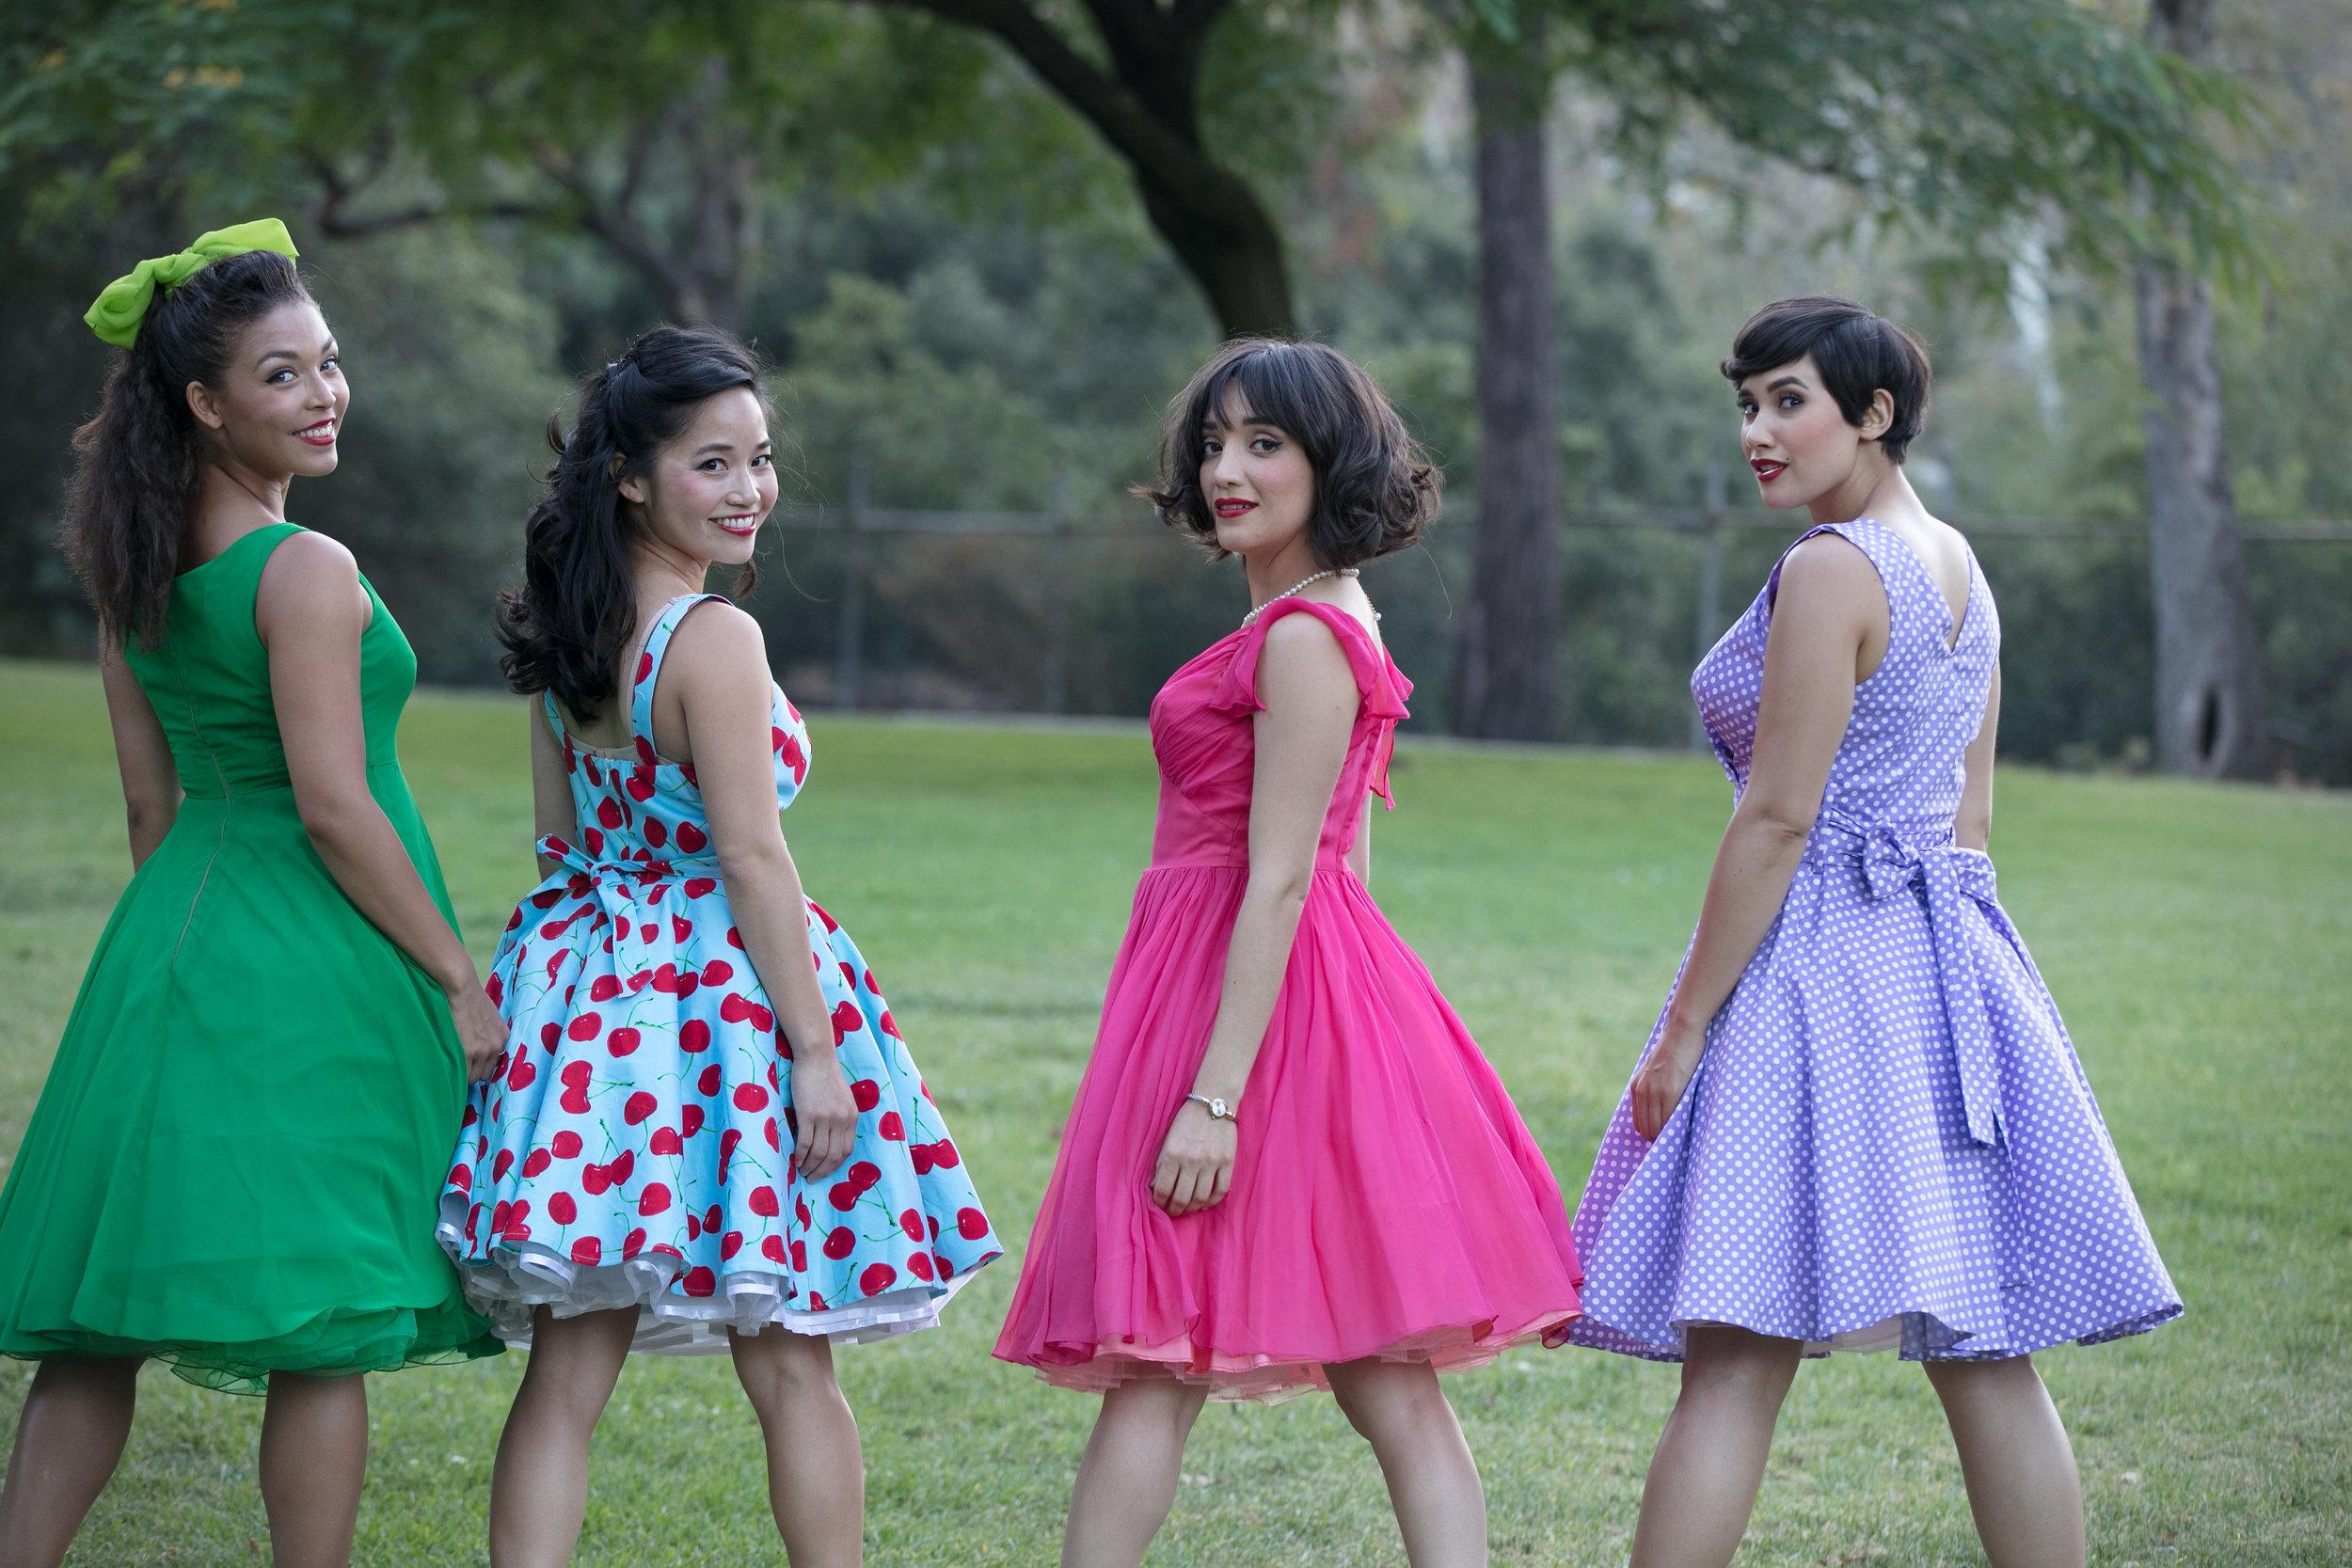 Katie Powers-Faulk. Sylvia Kwan, Erika Soto, April Fritz. Photo: Grettel Cortes